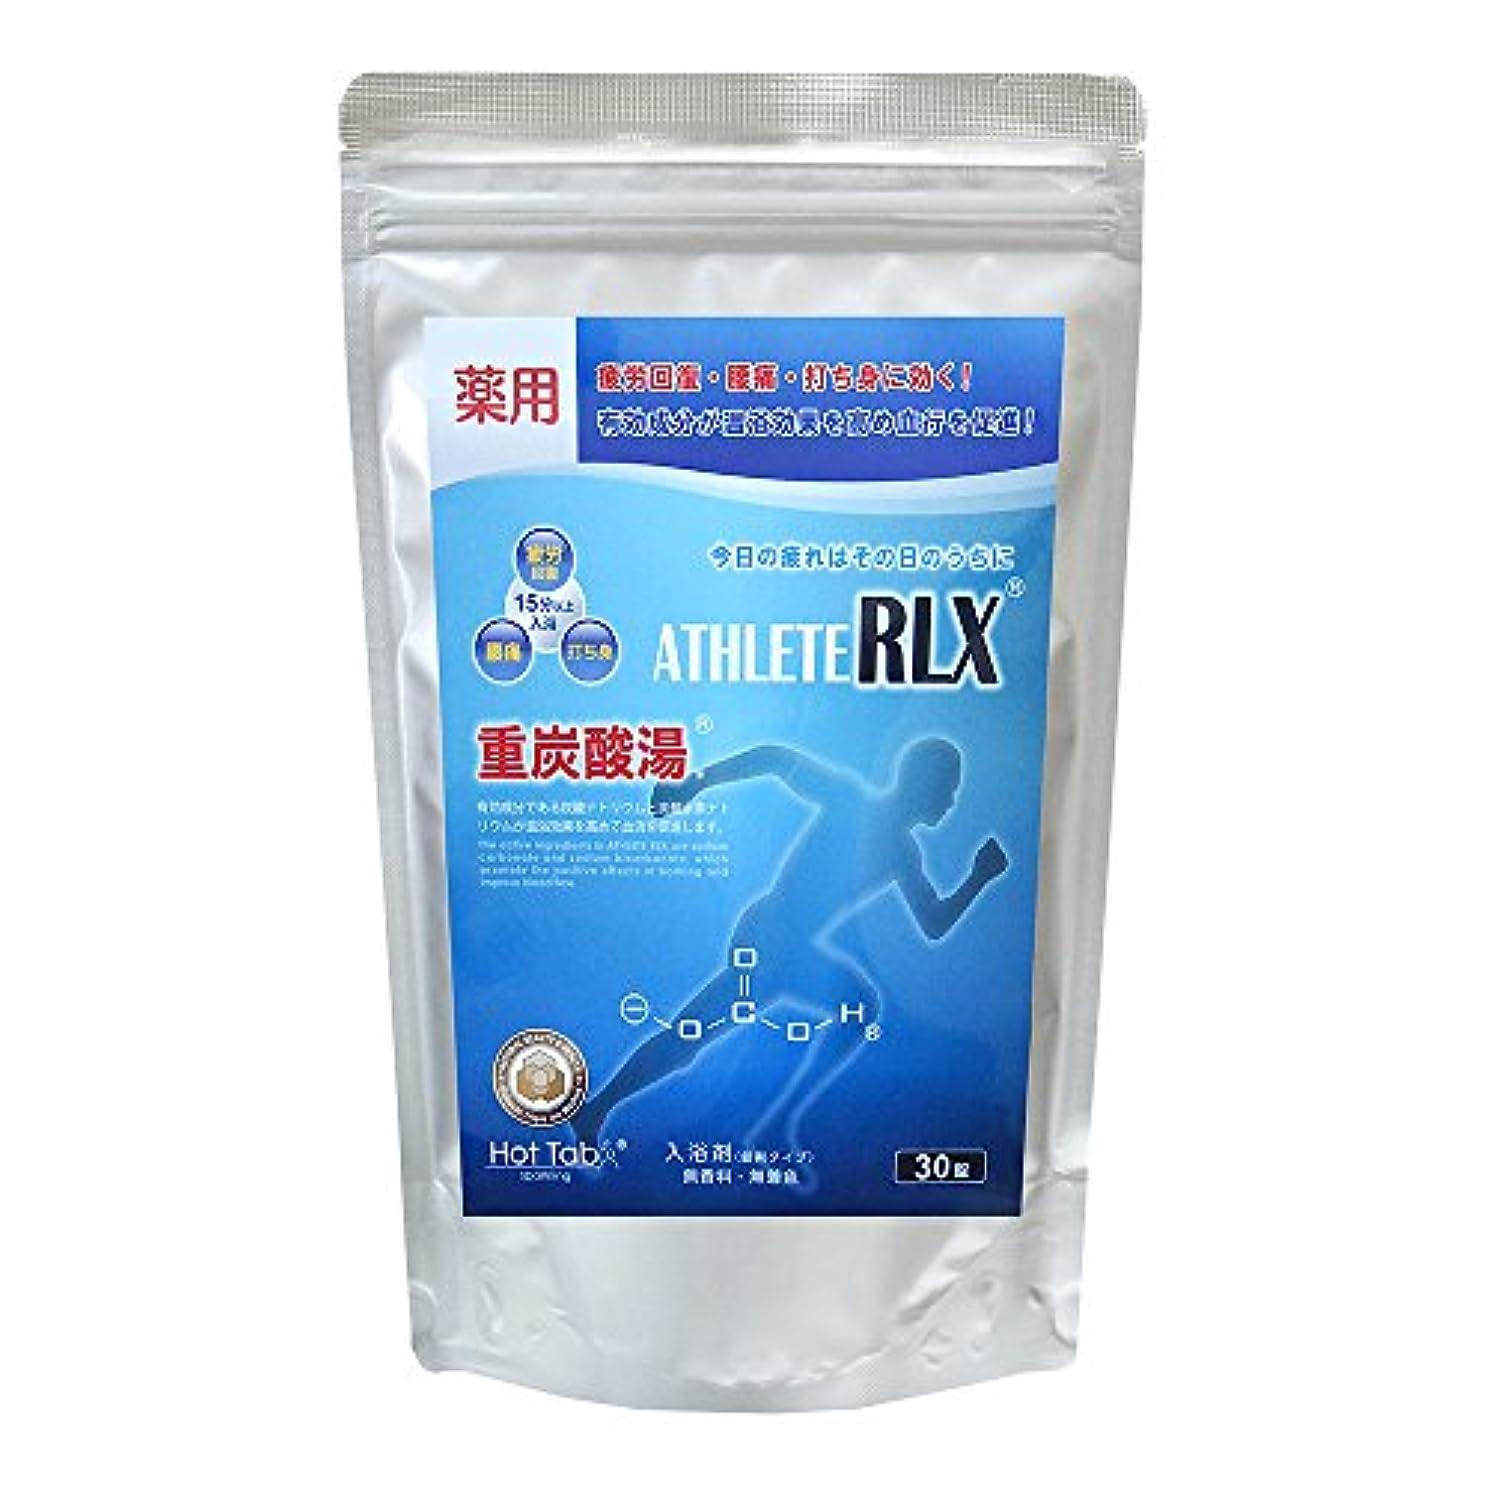 カカドゥ正規化アドバンテージホットアルバムコム ATHLETE RLX(アスリートRLX) 薬用 30錠入り